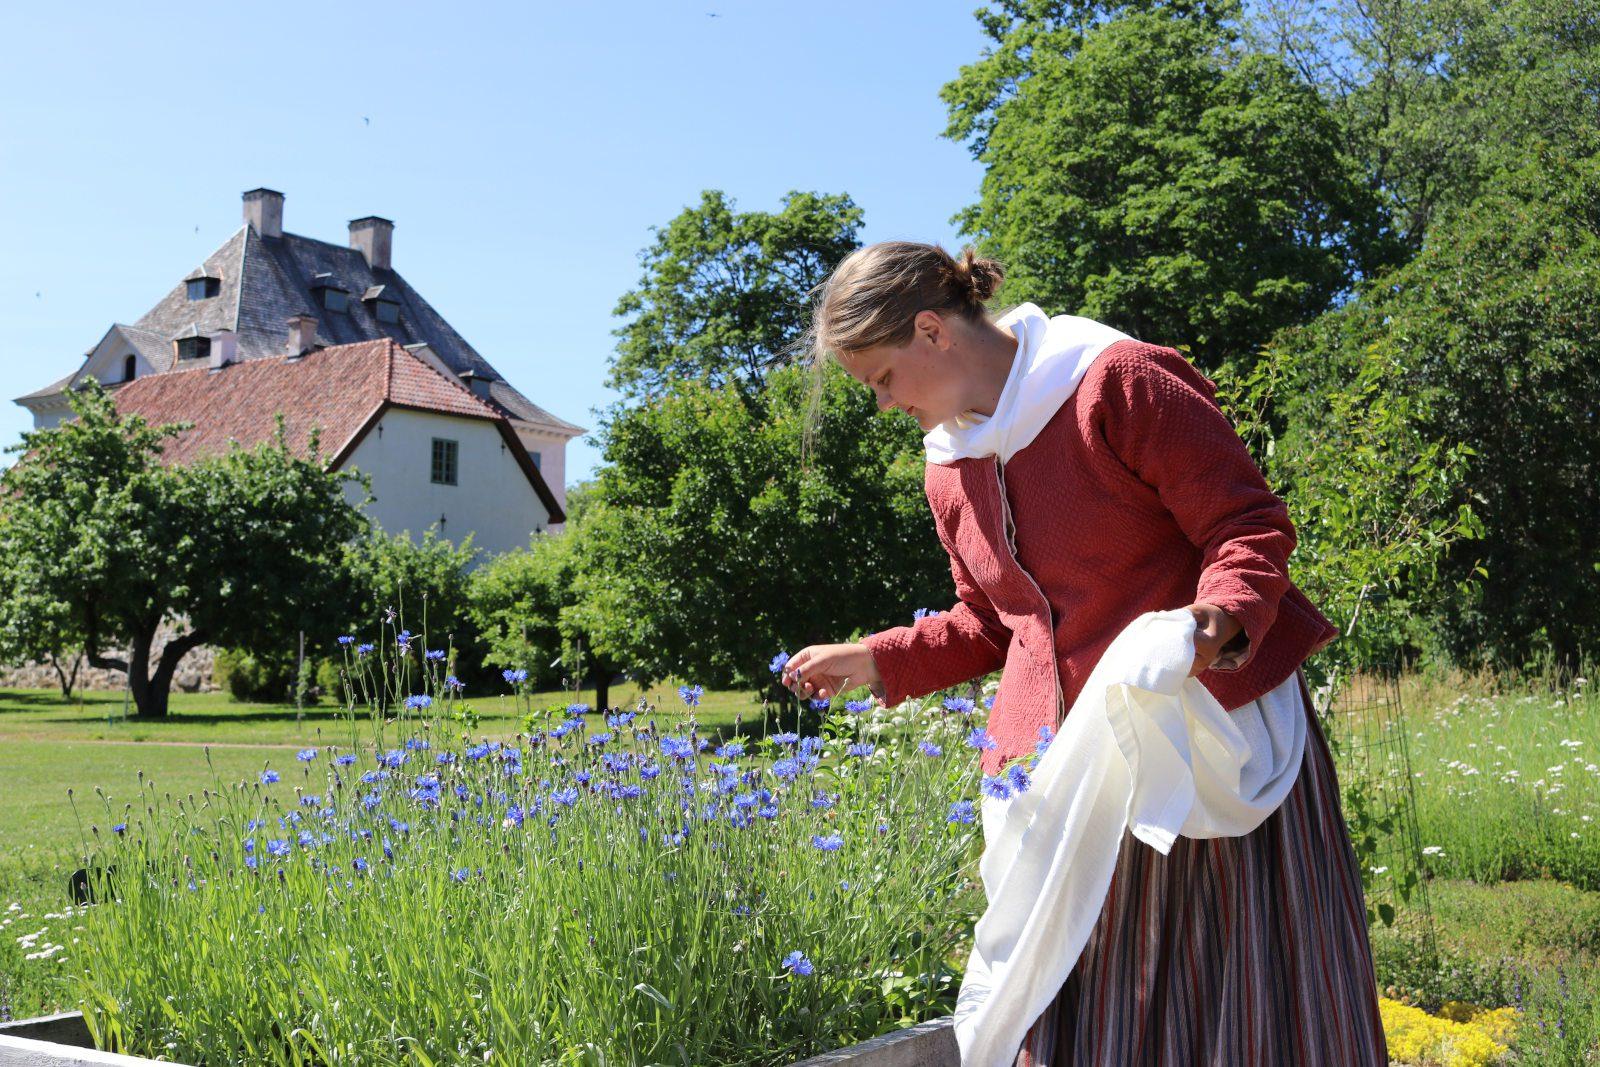 Punaiseen atkkiin, valkoiseen essuun ja raidalliseen hameeseen pukeutunut opas katselee puutarhassa sinisiä kukkia. Taustalla näkyy vihreää puistoa ja Louhisaaren kartano.